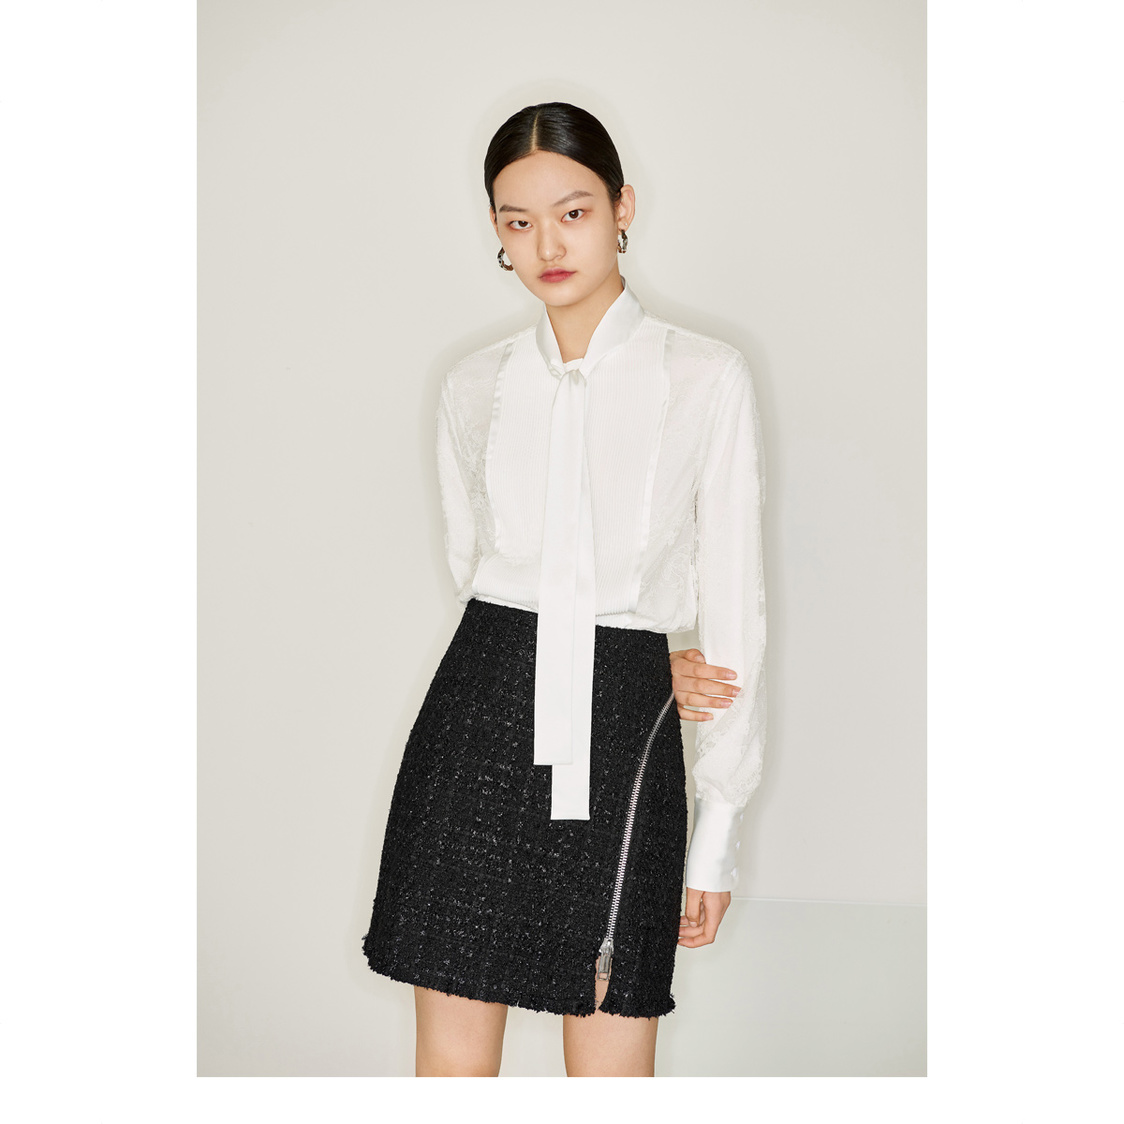 Lily Lace Stitching Shirt White